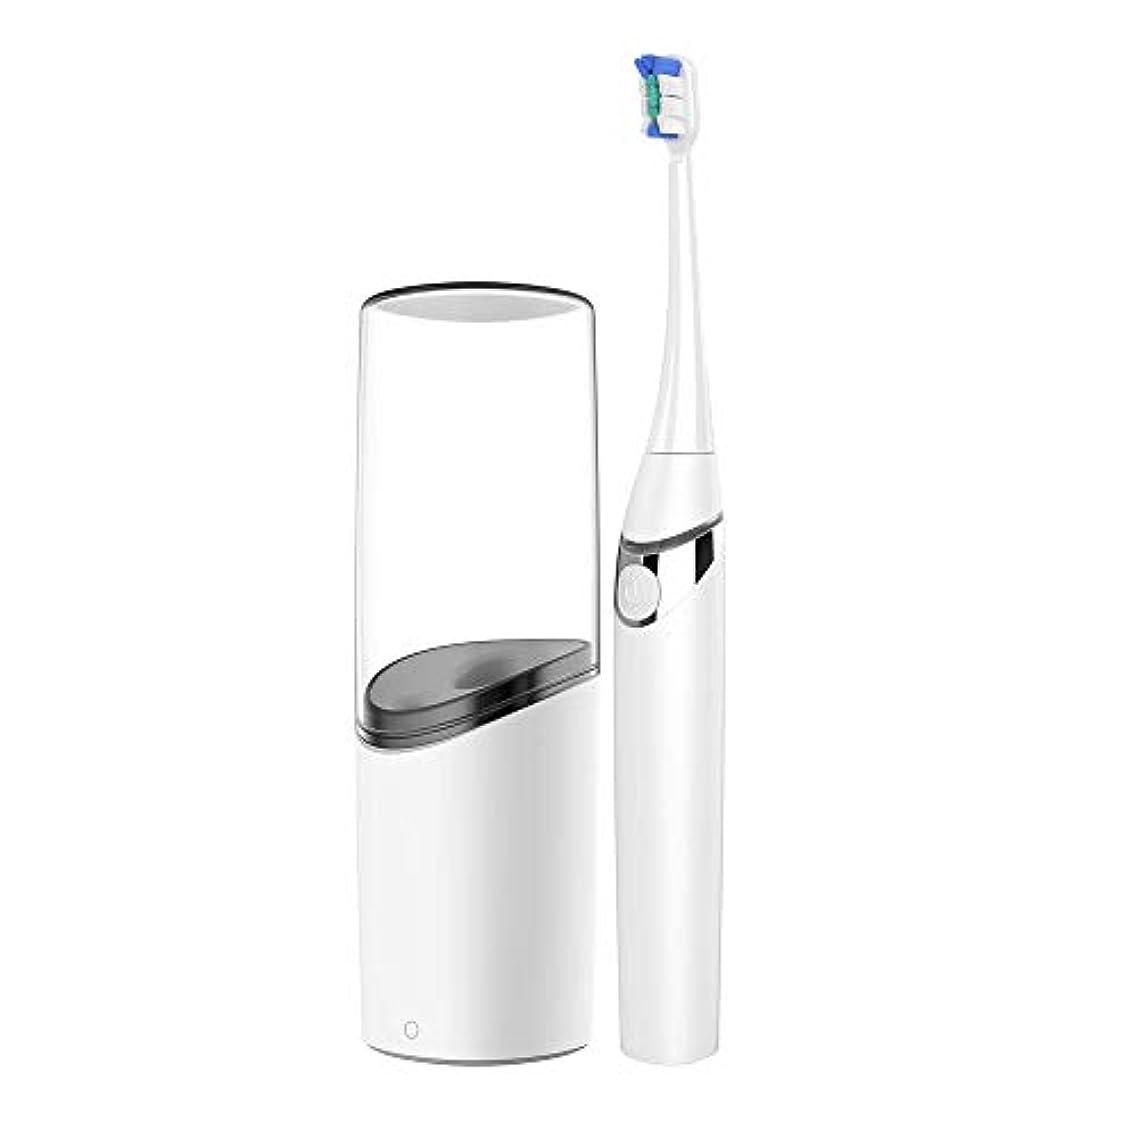 収入ここにずんぐりした電動歯ブラシ Kinboku UW-01 音波歯ブラシ 紫外線殺菌 乾燥機能付き 軽量 外出セット IPX7級防水 低騒音 虫歯 口臭予防 超音波振動電動歯ブラシ (ホワイト)